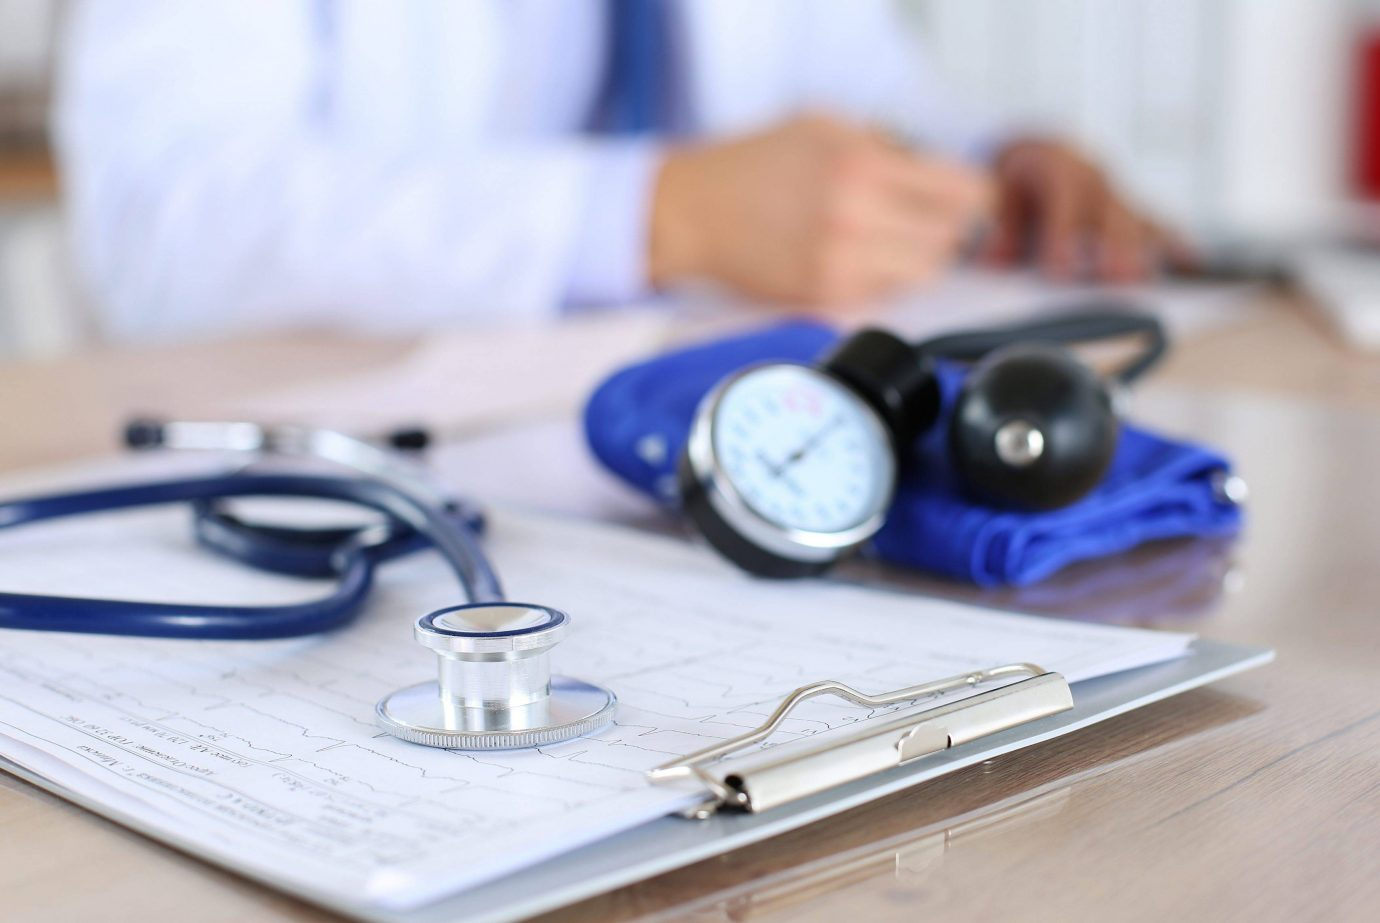 BNDES financiará construção de 40 unidades de saúde em Belo Horizonte (MG)